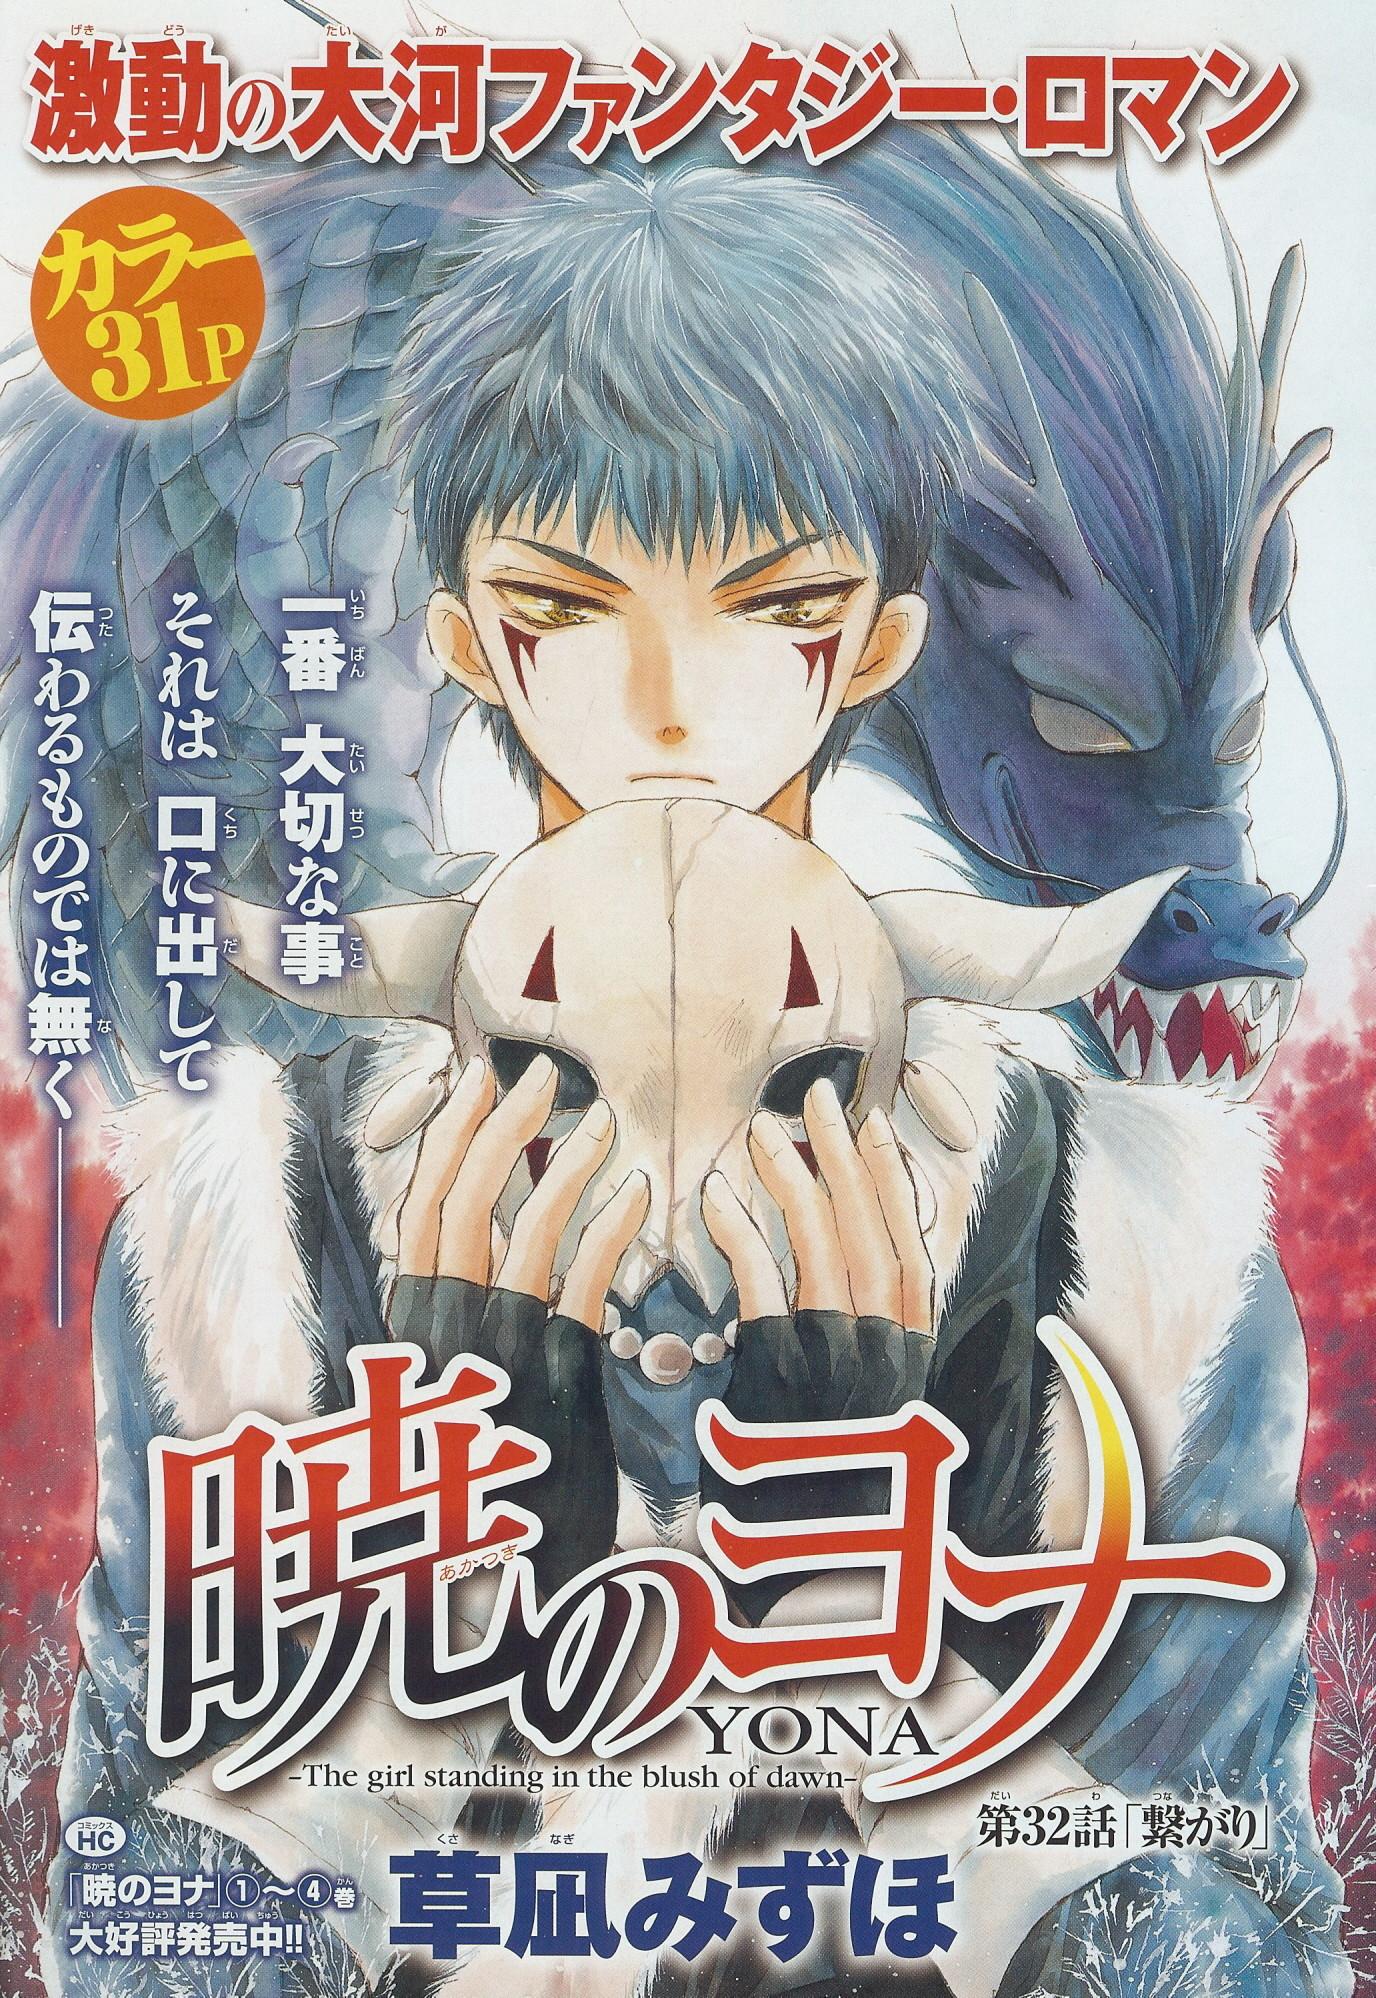 … download Shin-Ah (Akatsuki no Yona) image